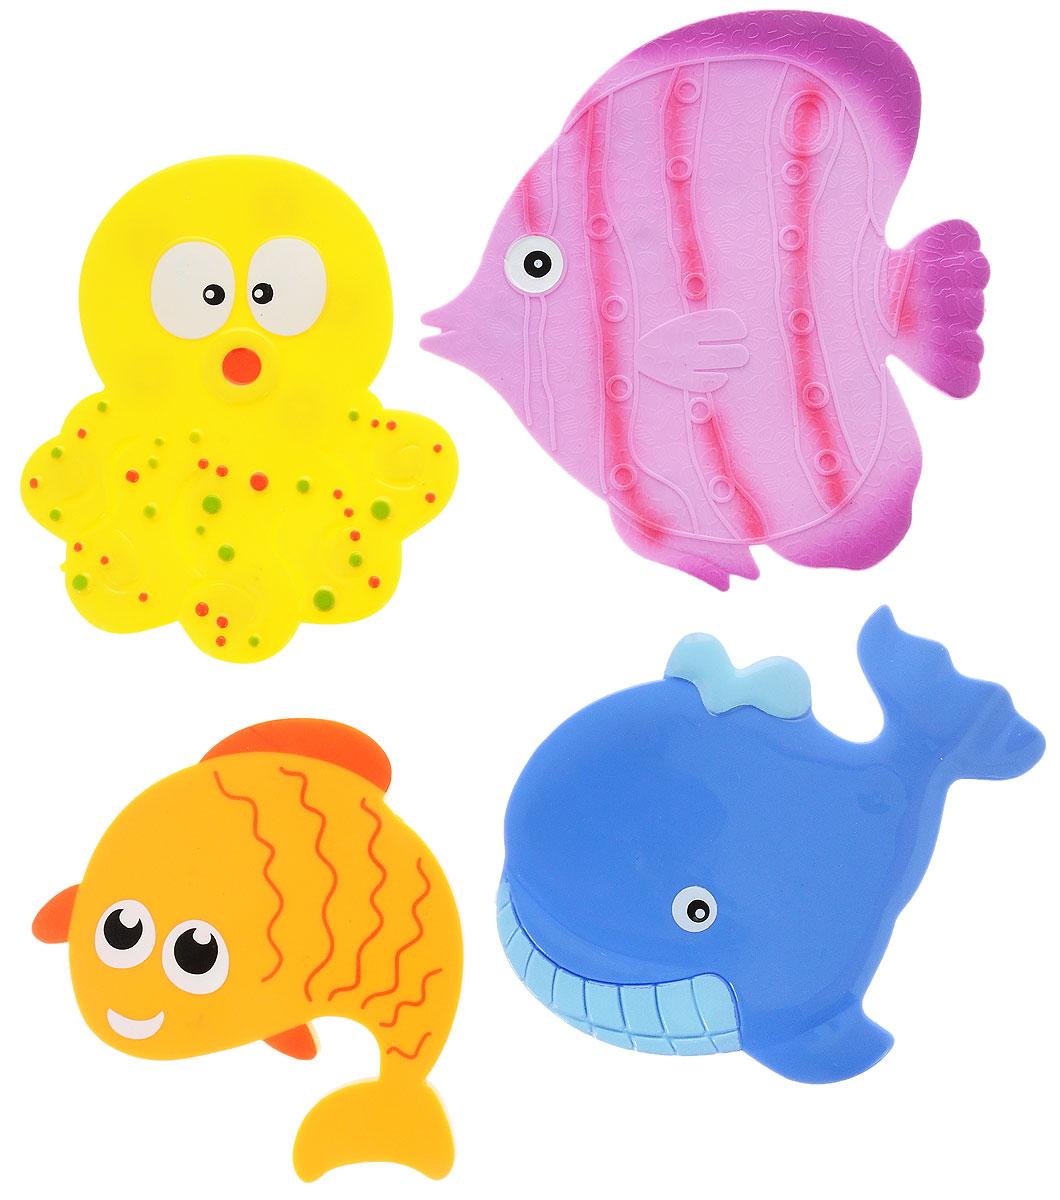 Valiant Мини-коврик для ванной комнаты Подводный мир на присосках 4 штMIX4S5Мини-коврик для ванной комнаты Valiant Подводный мир - это модный и экономичный способ сделать вашу ванную комнату более уютной, красивой и безопасной. В наборе представлены 4 мини-коврика. Коврики прочно крепятся на любую гладкую поверхность с помощью присосок. Расположите коврики там, где вам необходимо яркое цветовое пятно и надежная противоскользящая опора - на поверхности ванной, на кафельной стене или стенке душевой кабины или на полу - как дополнение вашего коврика стандартного размера. Мини-коврики Valiant незаменимы при купании маленького ребенка: он не поскользнется и не упадет, держась за мягкую и приятную на ощупь рифленую поверхность коврика. Рекомендации по уходу: после использования тщательно смойте остатки мыла или других косметических средств с коврика.